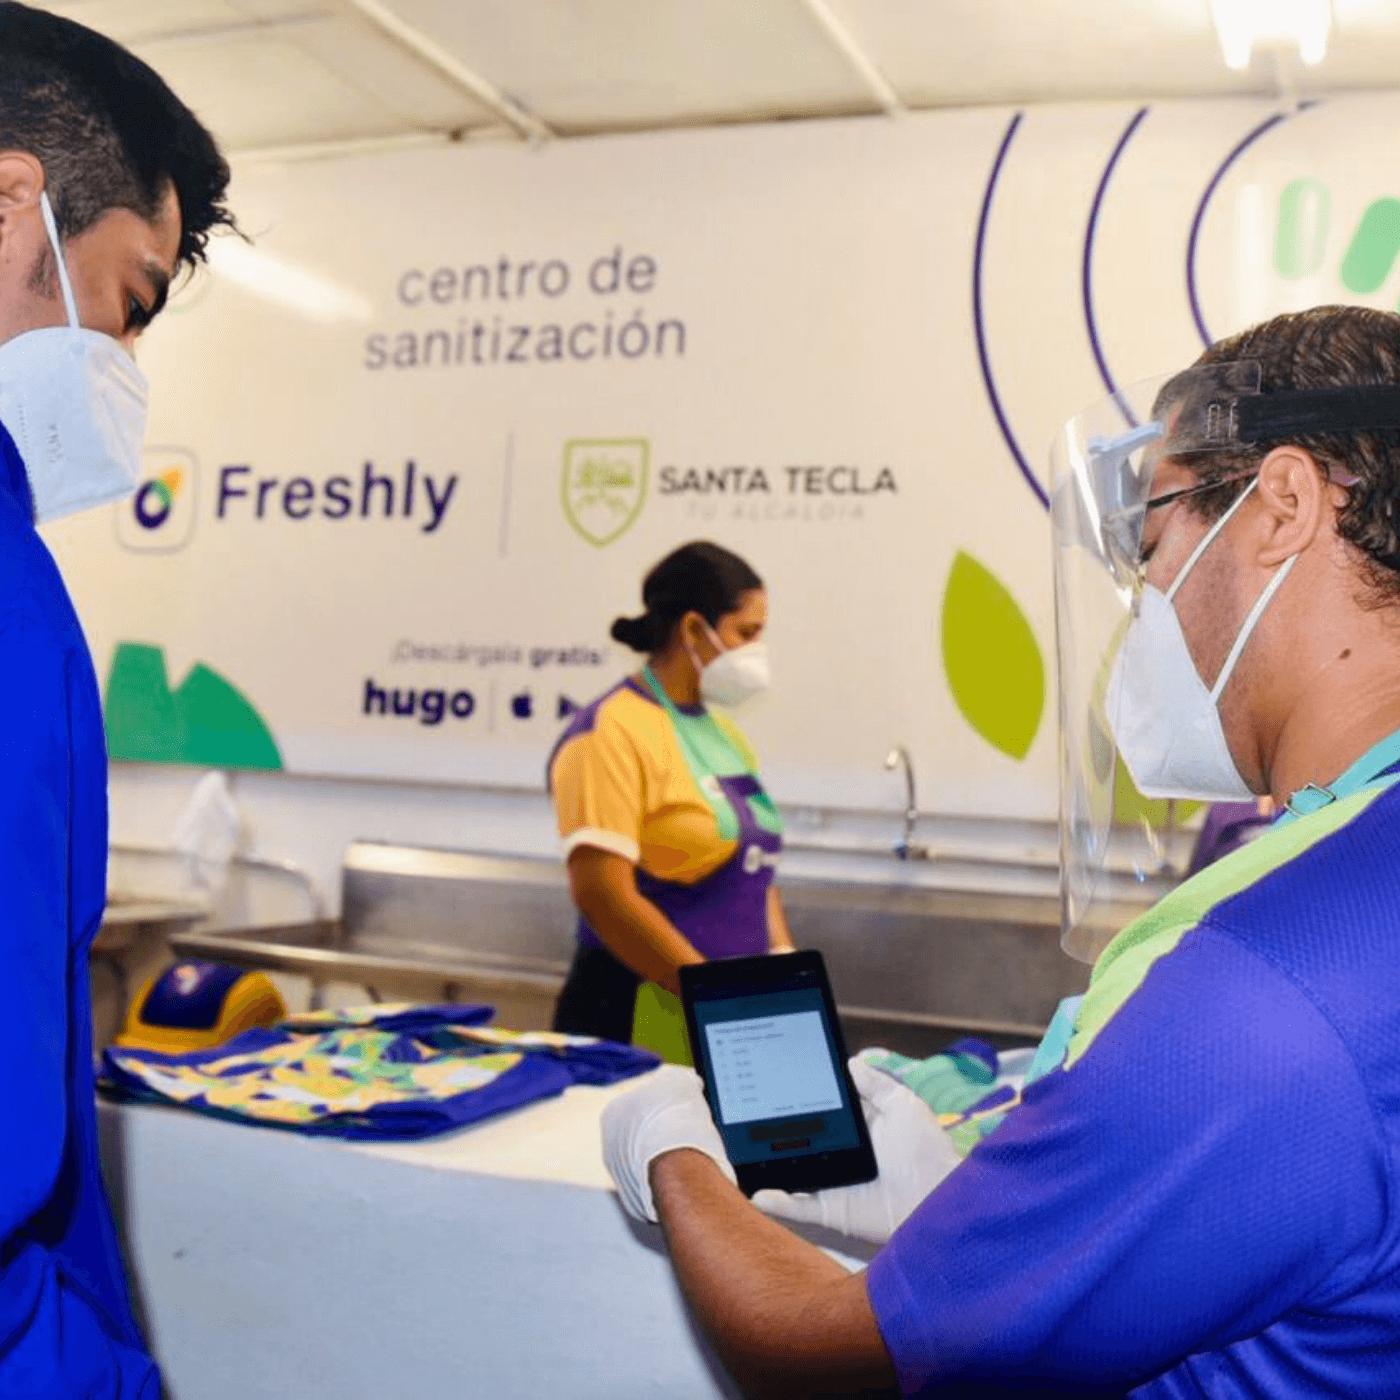 Los Negocios Y El Control De Los Mercados En Santa Tecla. Freshly. Infografía. Roberto d'Aubuisson. 2020